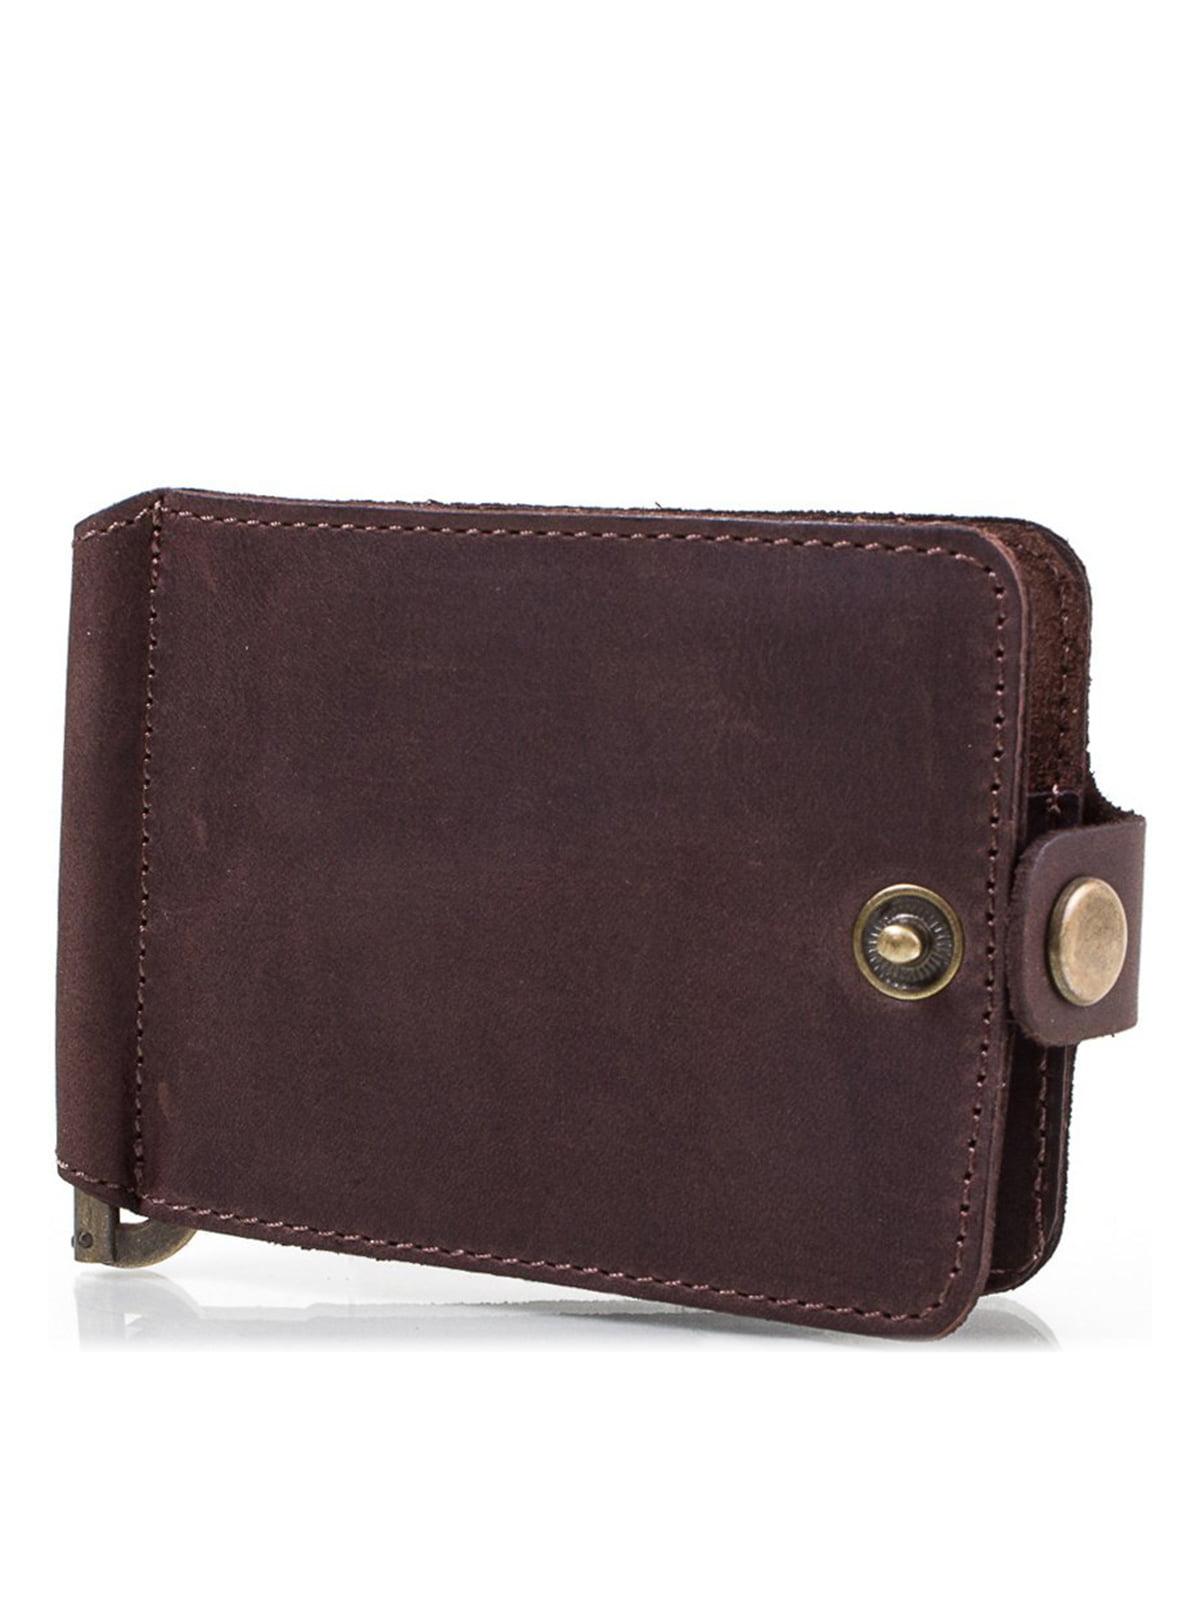 Затискач для купюр коричневий | 4178302